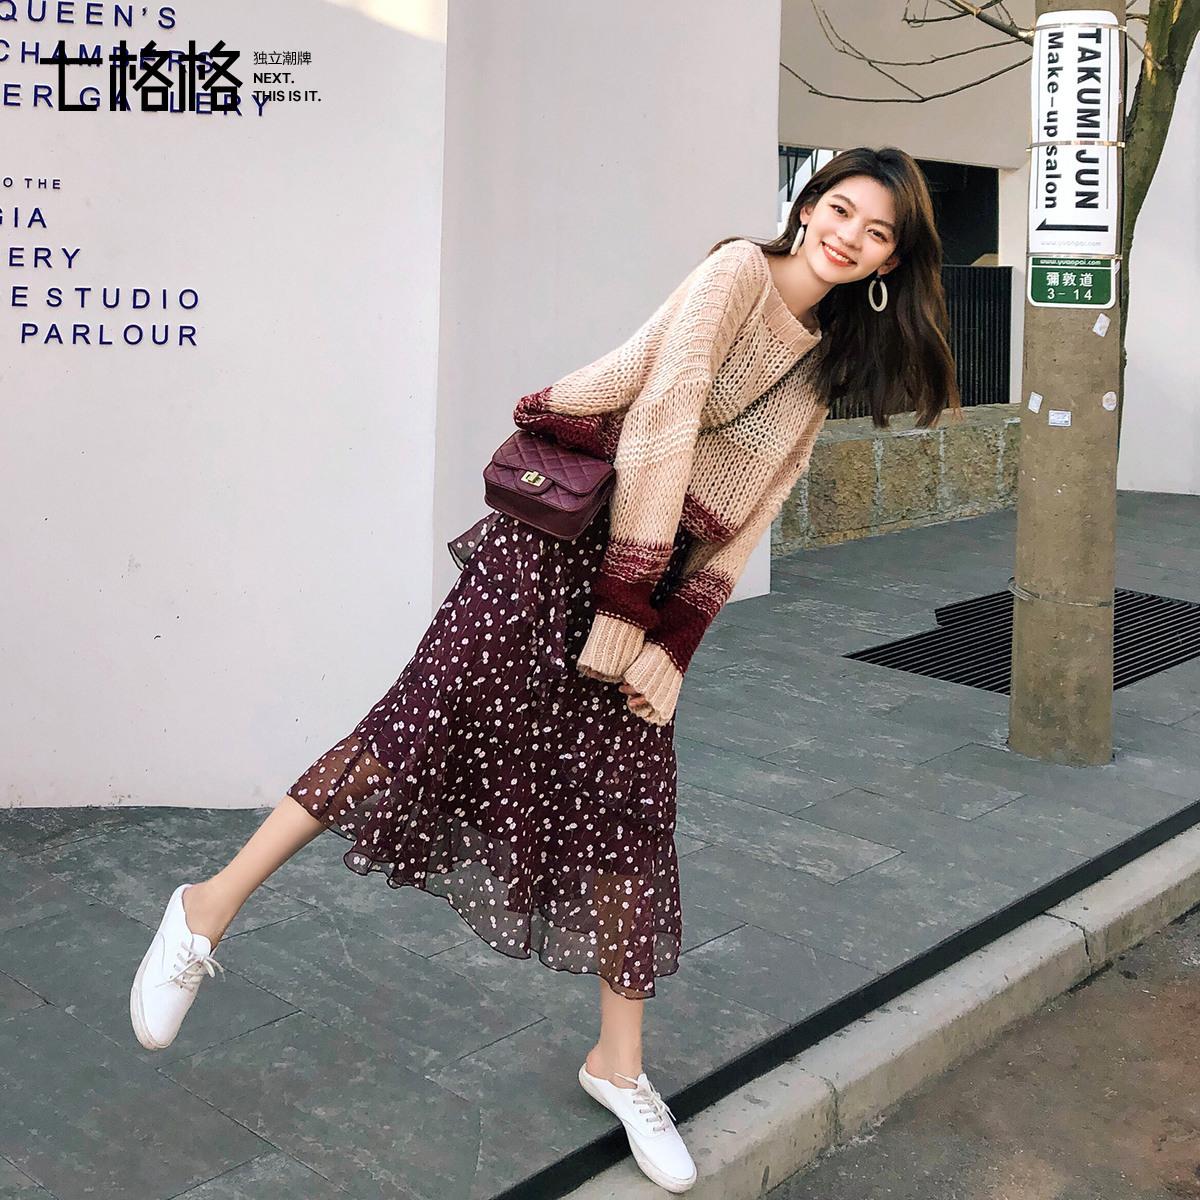 热销32件限时抢购七格格2019新款秋季气质半身裙子